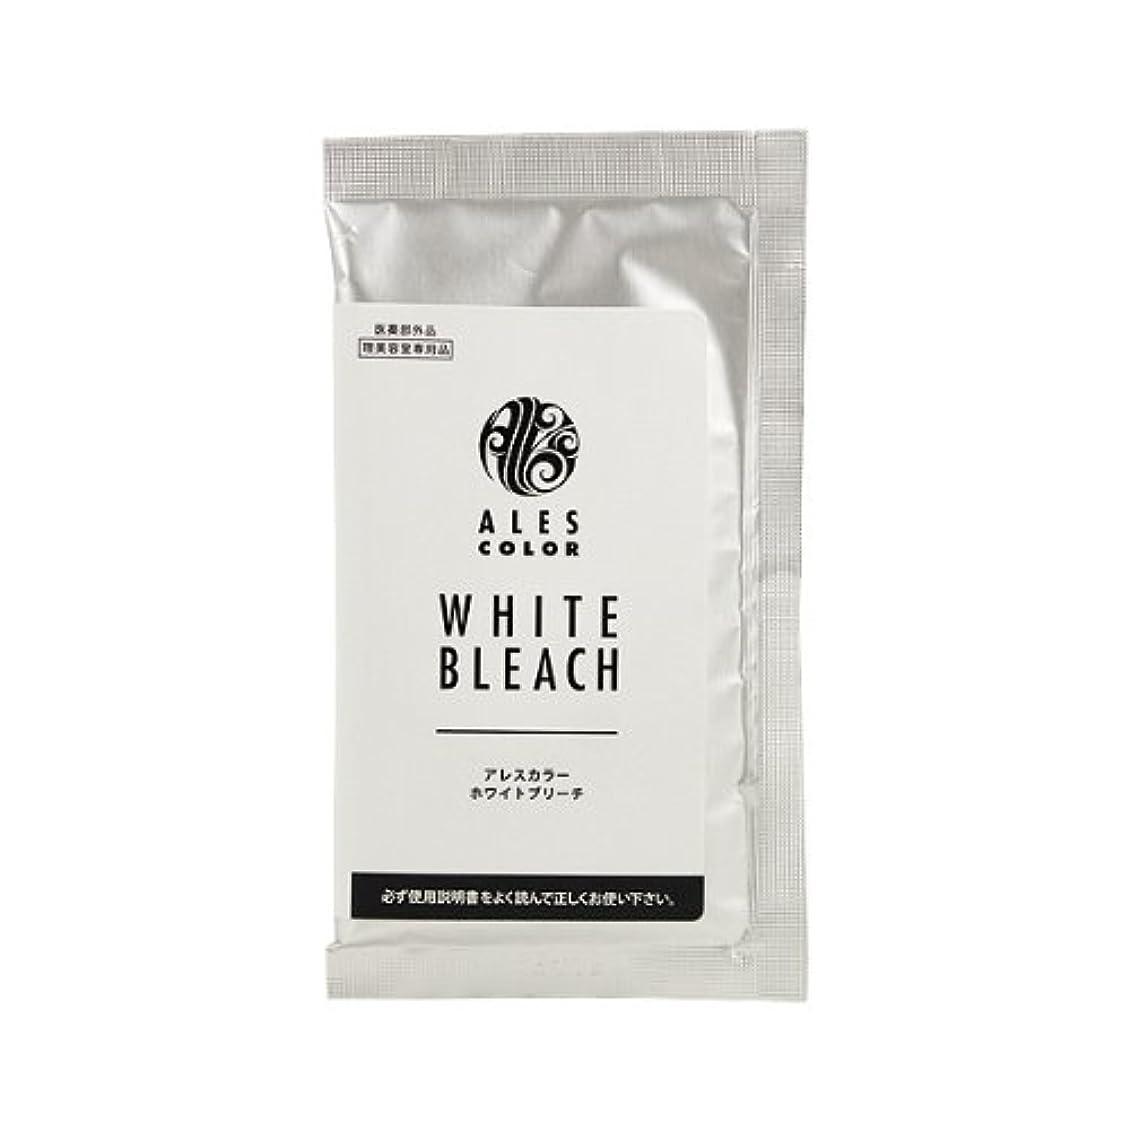 病な変形義務アレスカラー ホワイトブリーチ(1剤) 30g